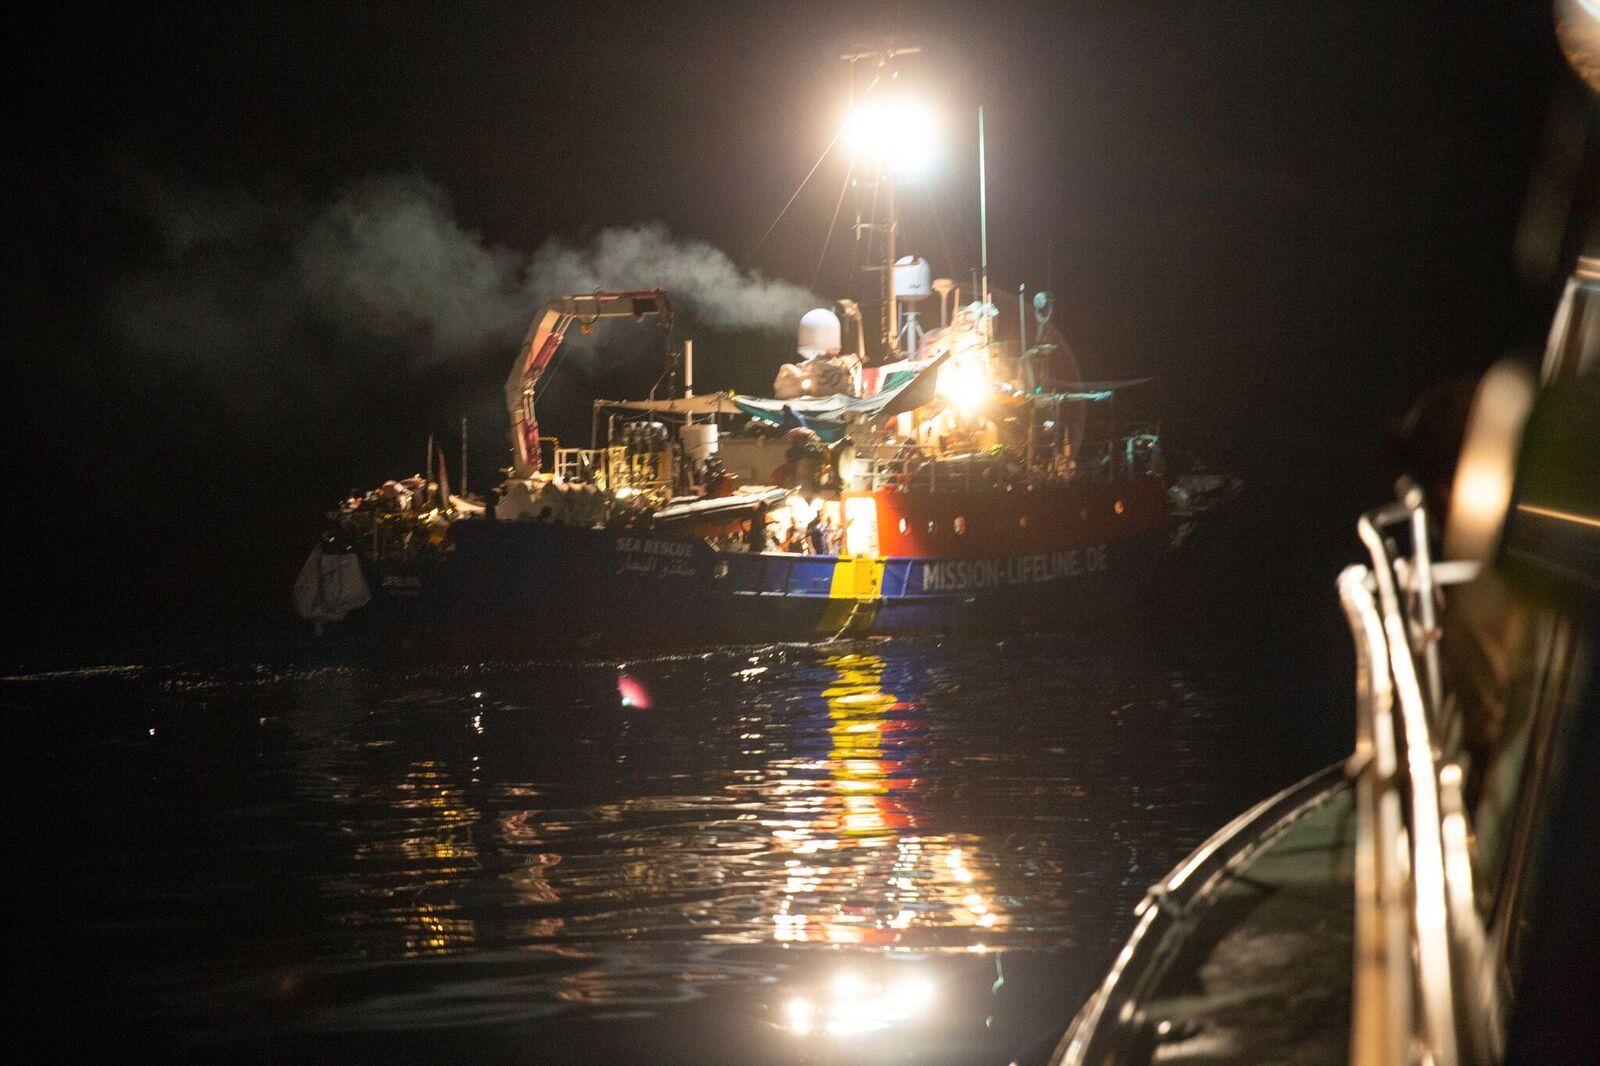 OVERFYLT: Tomino Böhm forteller at skipet er overfylt og mennesker som sitter tett i tett oppe på dekk.